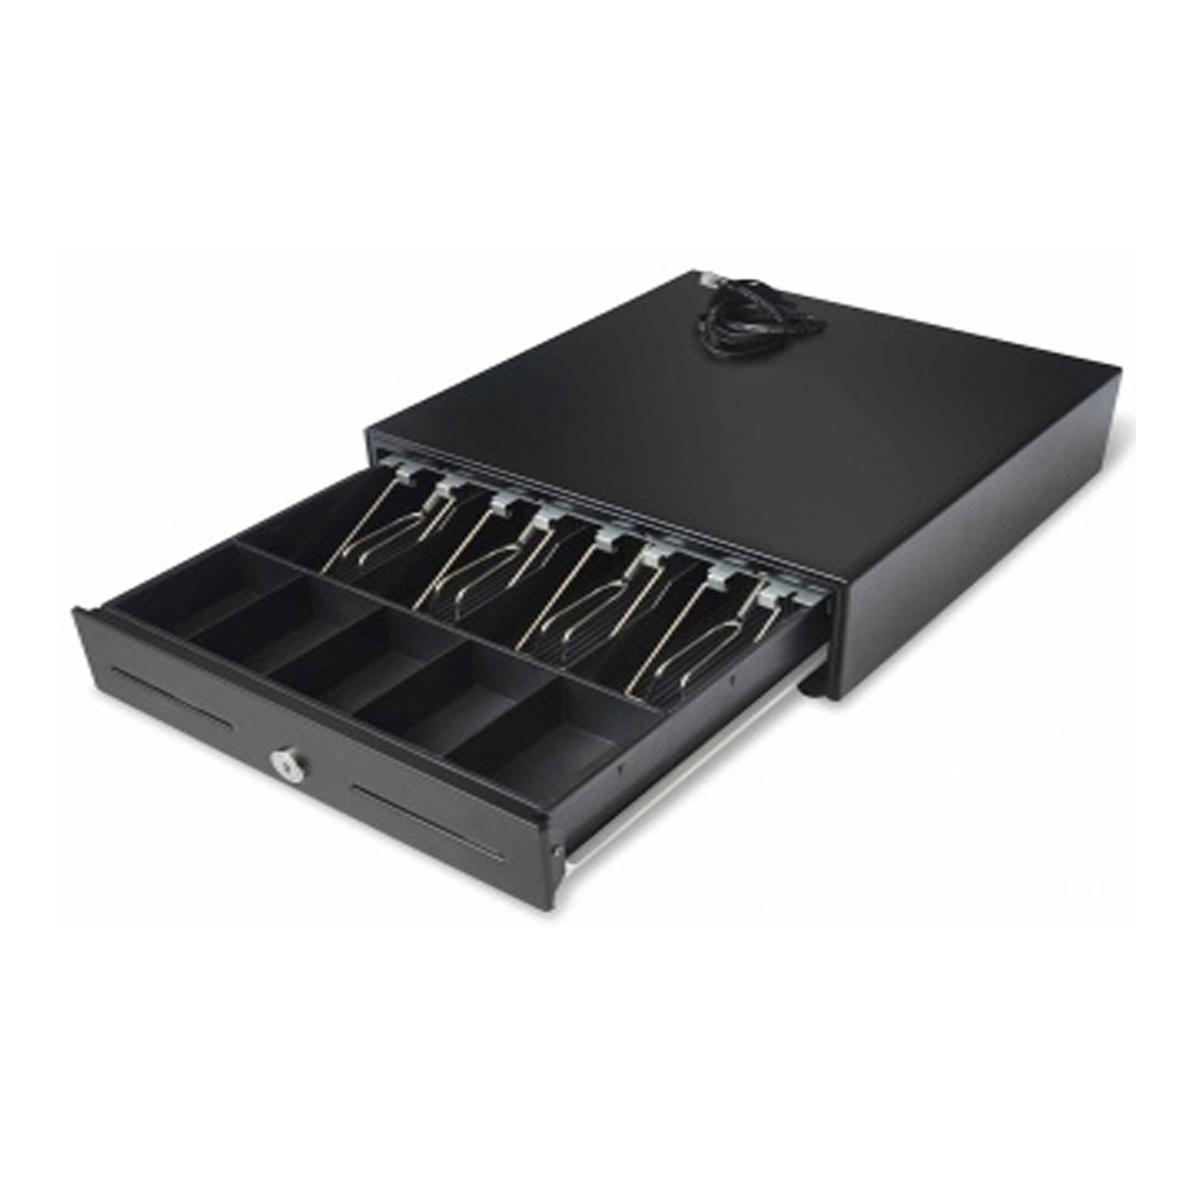 Cash-Drawer-Proline-MK-330-18